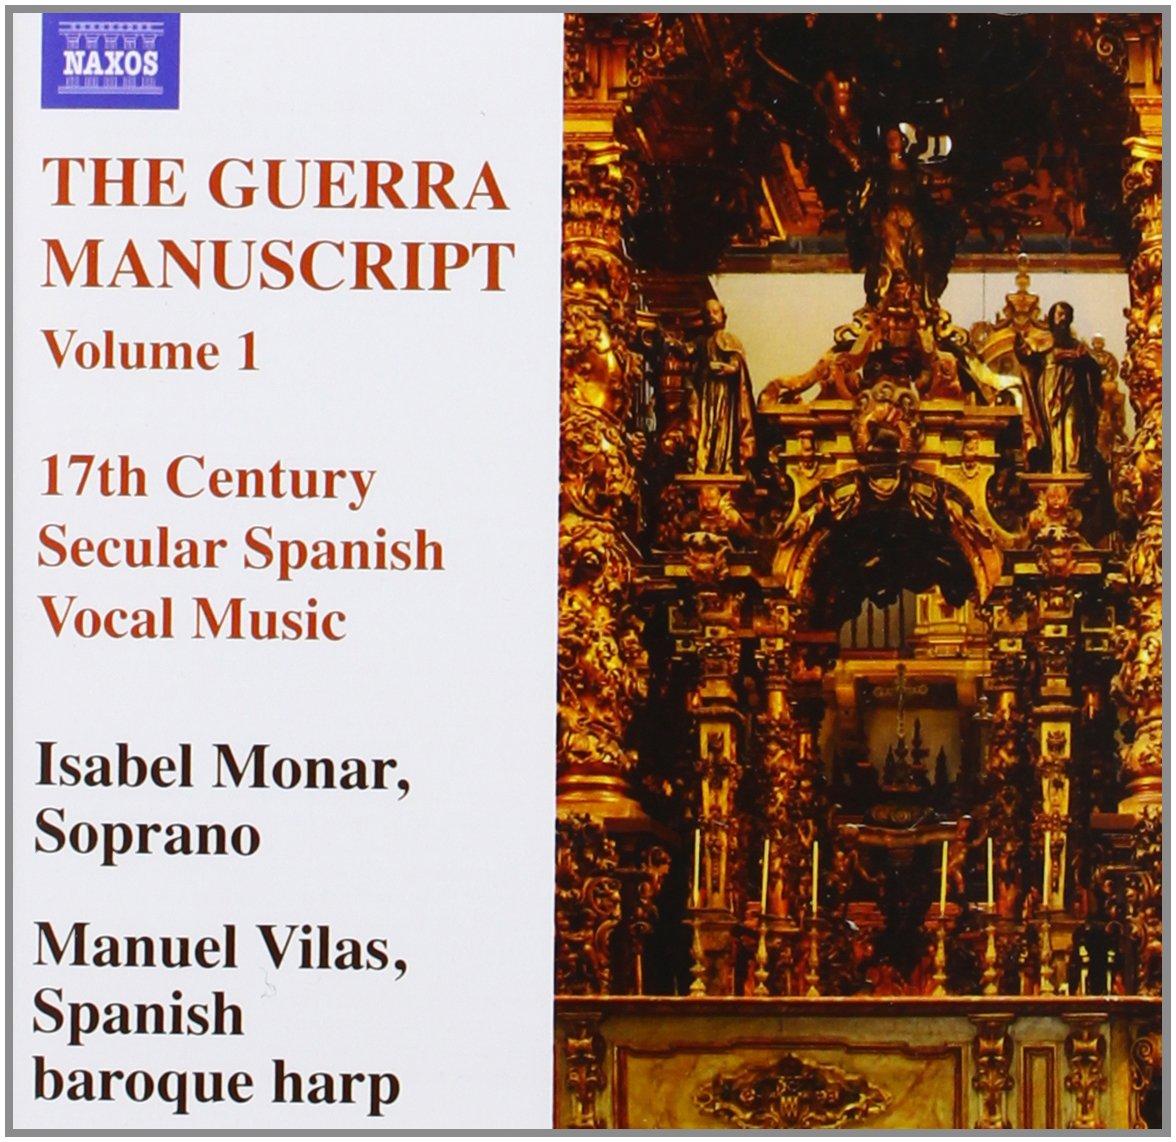 Manuscrito Guerra Arpa Barroca Española: Manuel Vilas, Isabel Monar: Amazon.es: Música